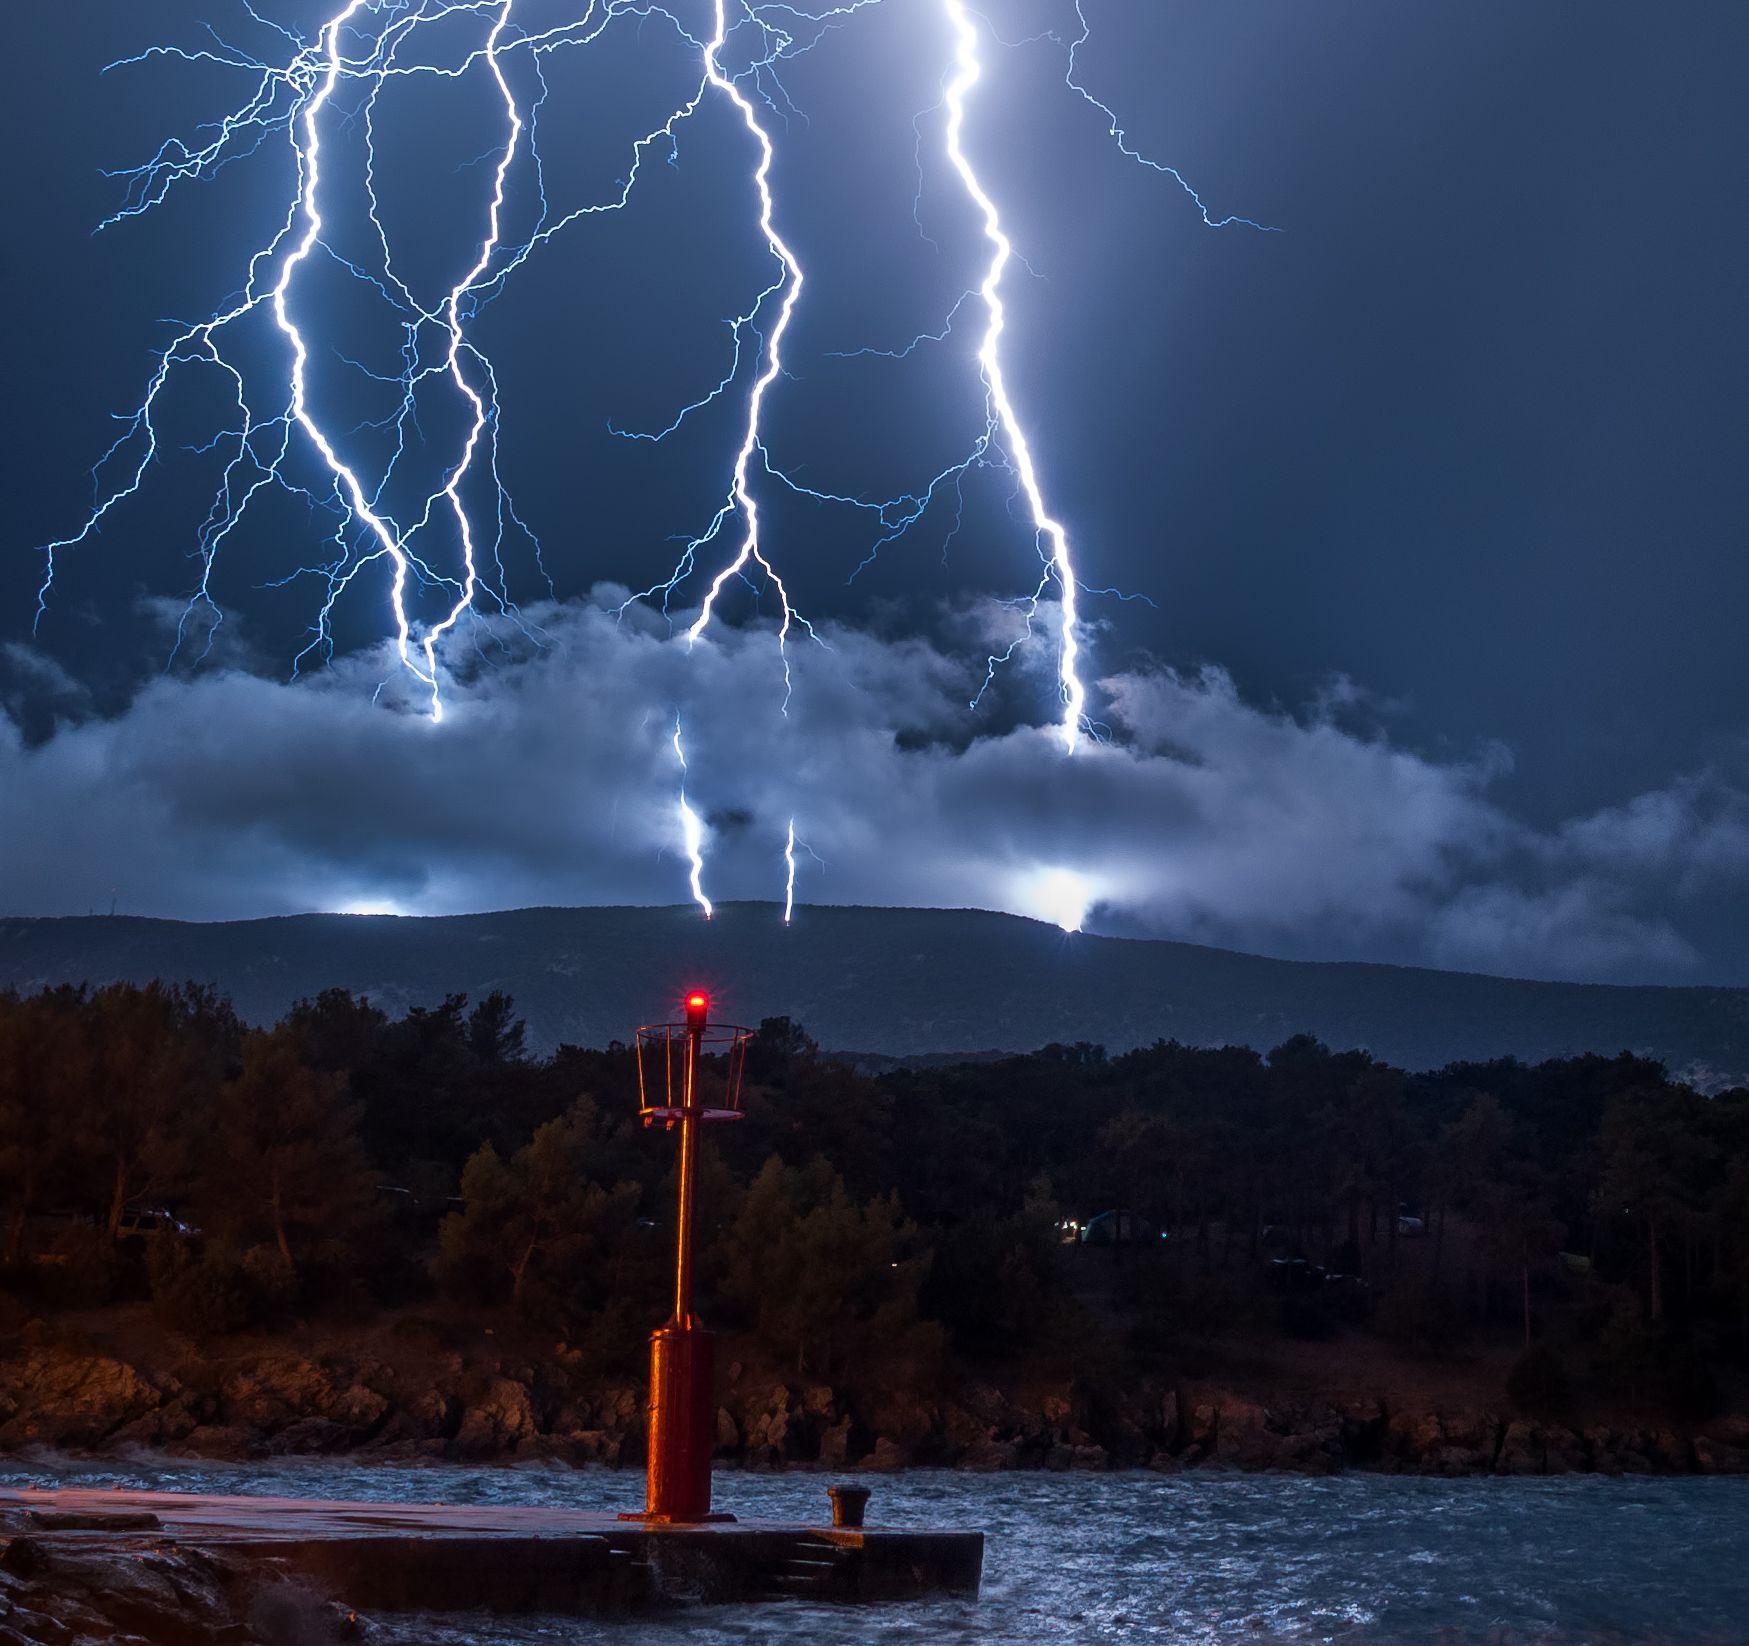 Lovac na oluje s otoka Lošinja, genijalnim fotografijama munja, oblaka i drugih meteoroloških pojava izaziva oduševljenje ljudi diljem Hrvatske, ali i inozemstva